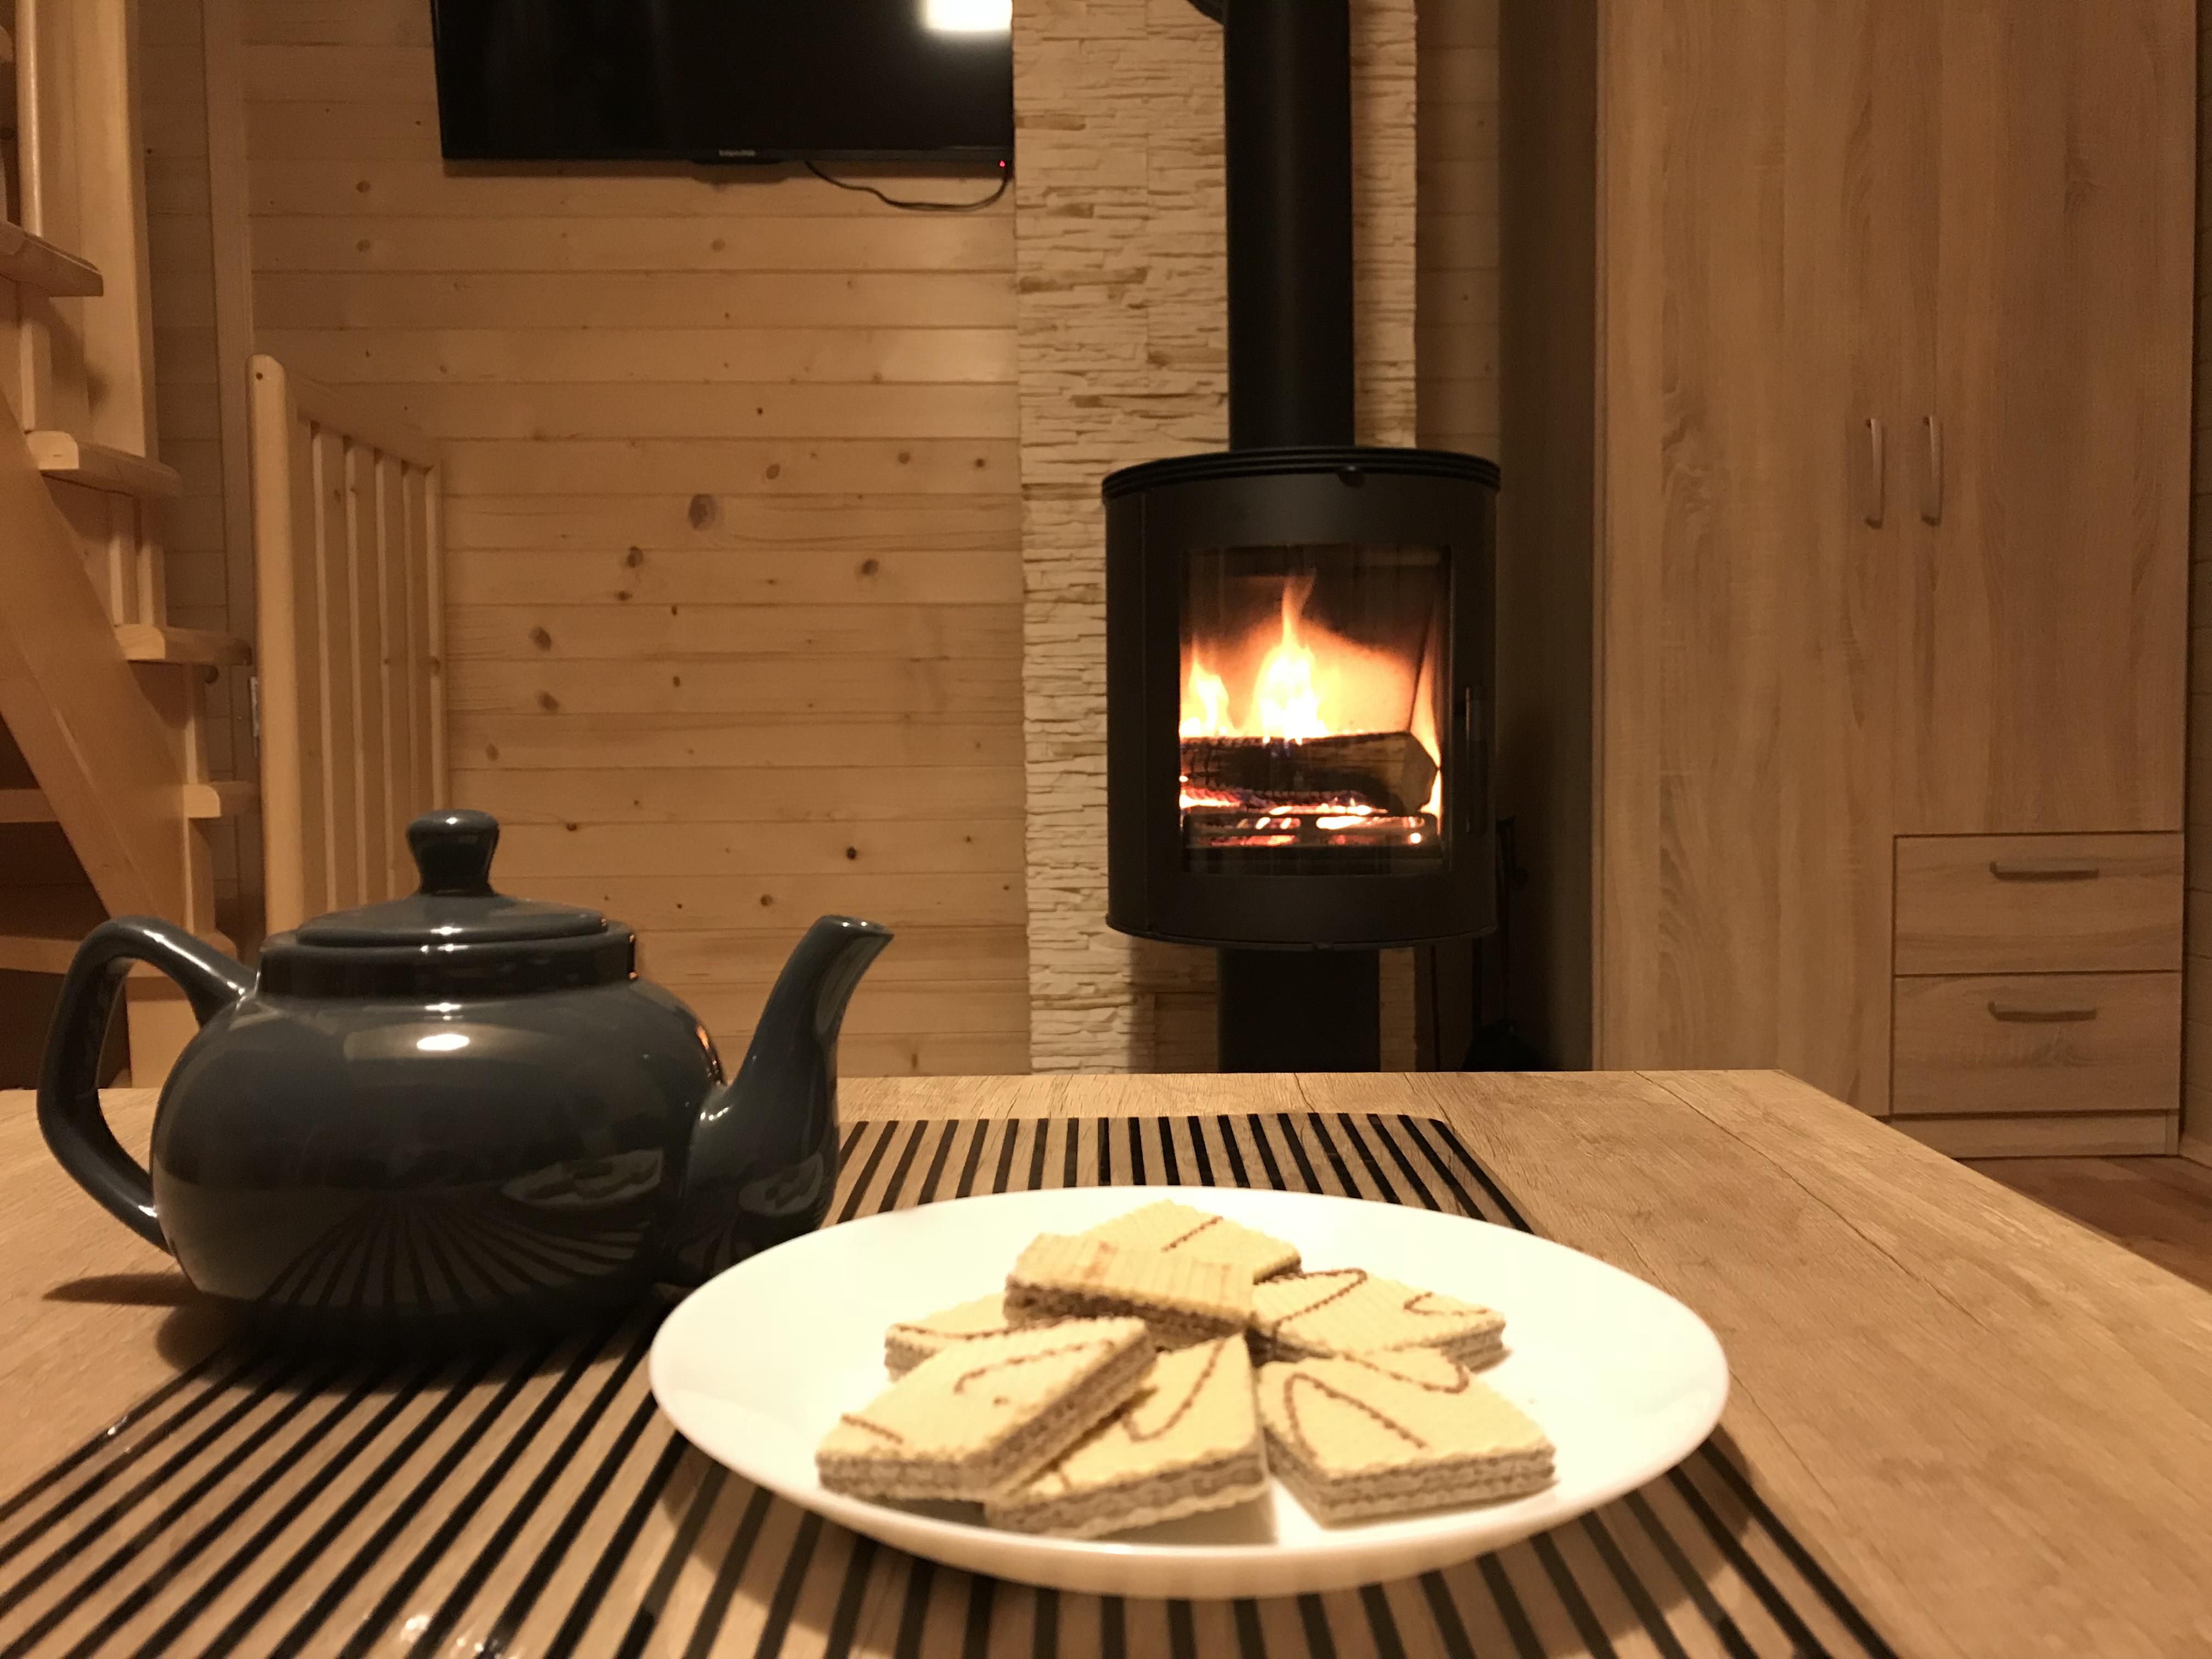 Zamieszkaj w przytulnym domku nad wodą blisko lasu, w samym sercu Gór świętokrzyskich.